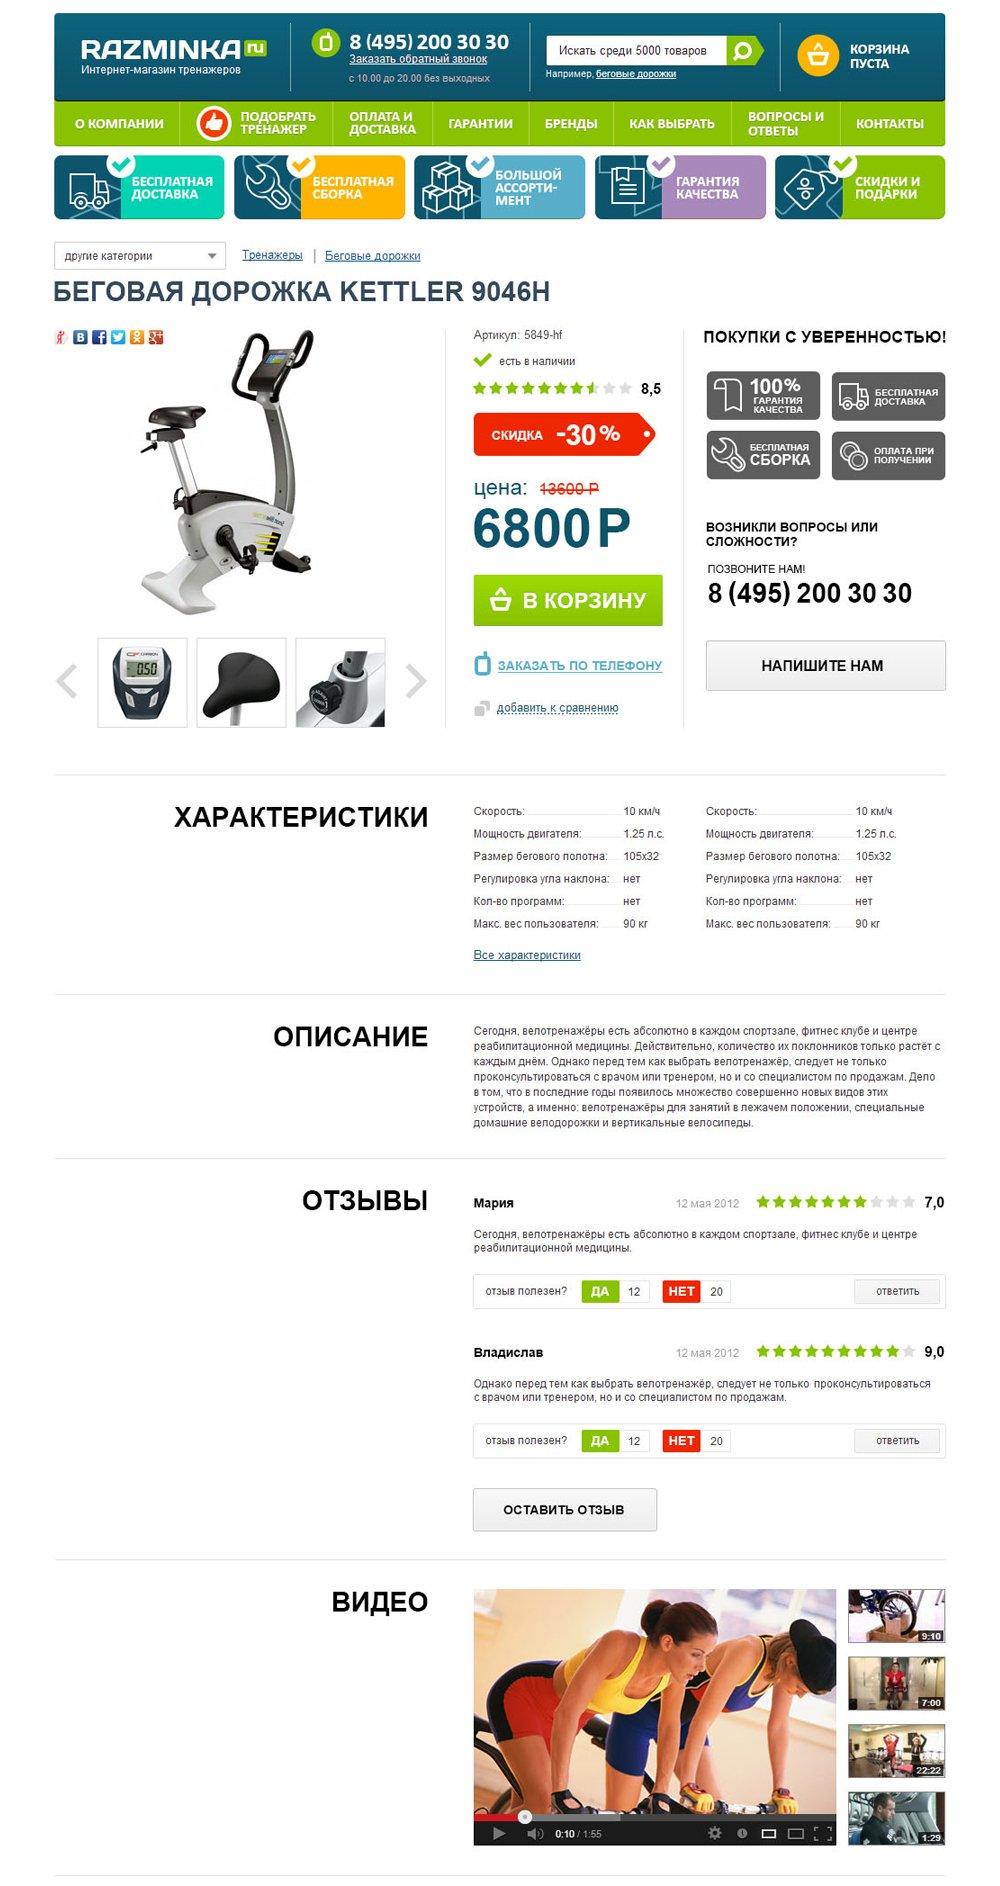 Карточка товара на сайте интернет-магазина тренажеров Razminka.ru